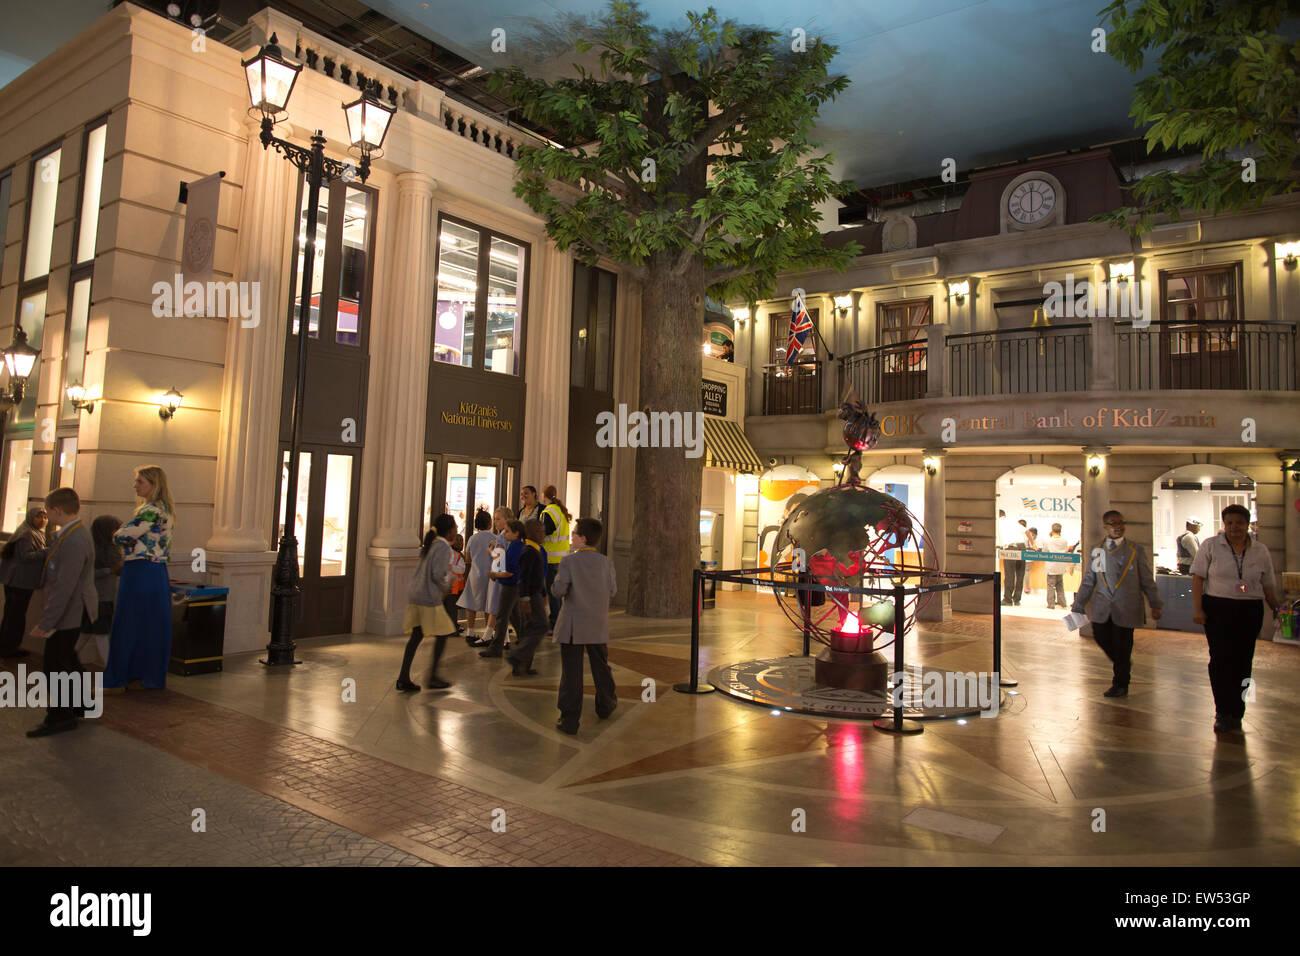 KidZania educational parc à thème où les enfants jouent à être adultes, le centre commercial de Westfield, Sheperd's Bush, Londres Banque D'Images